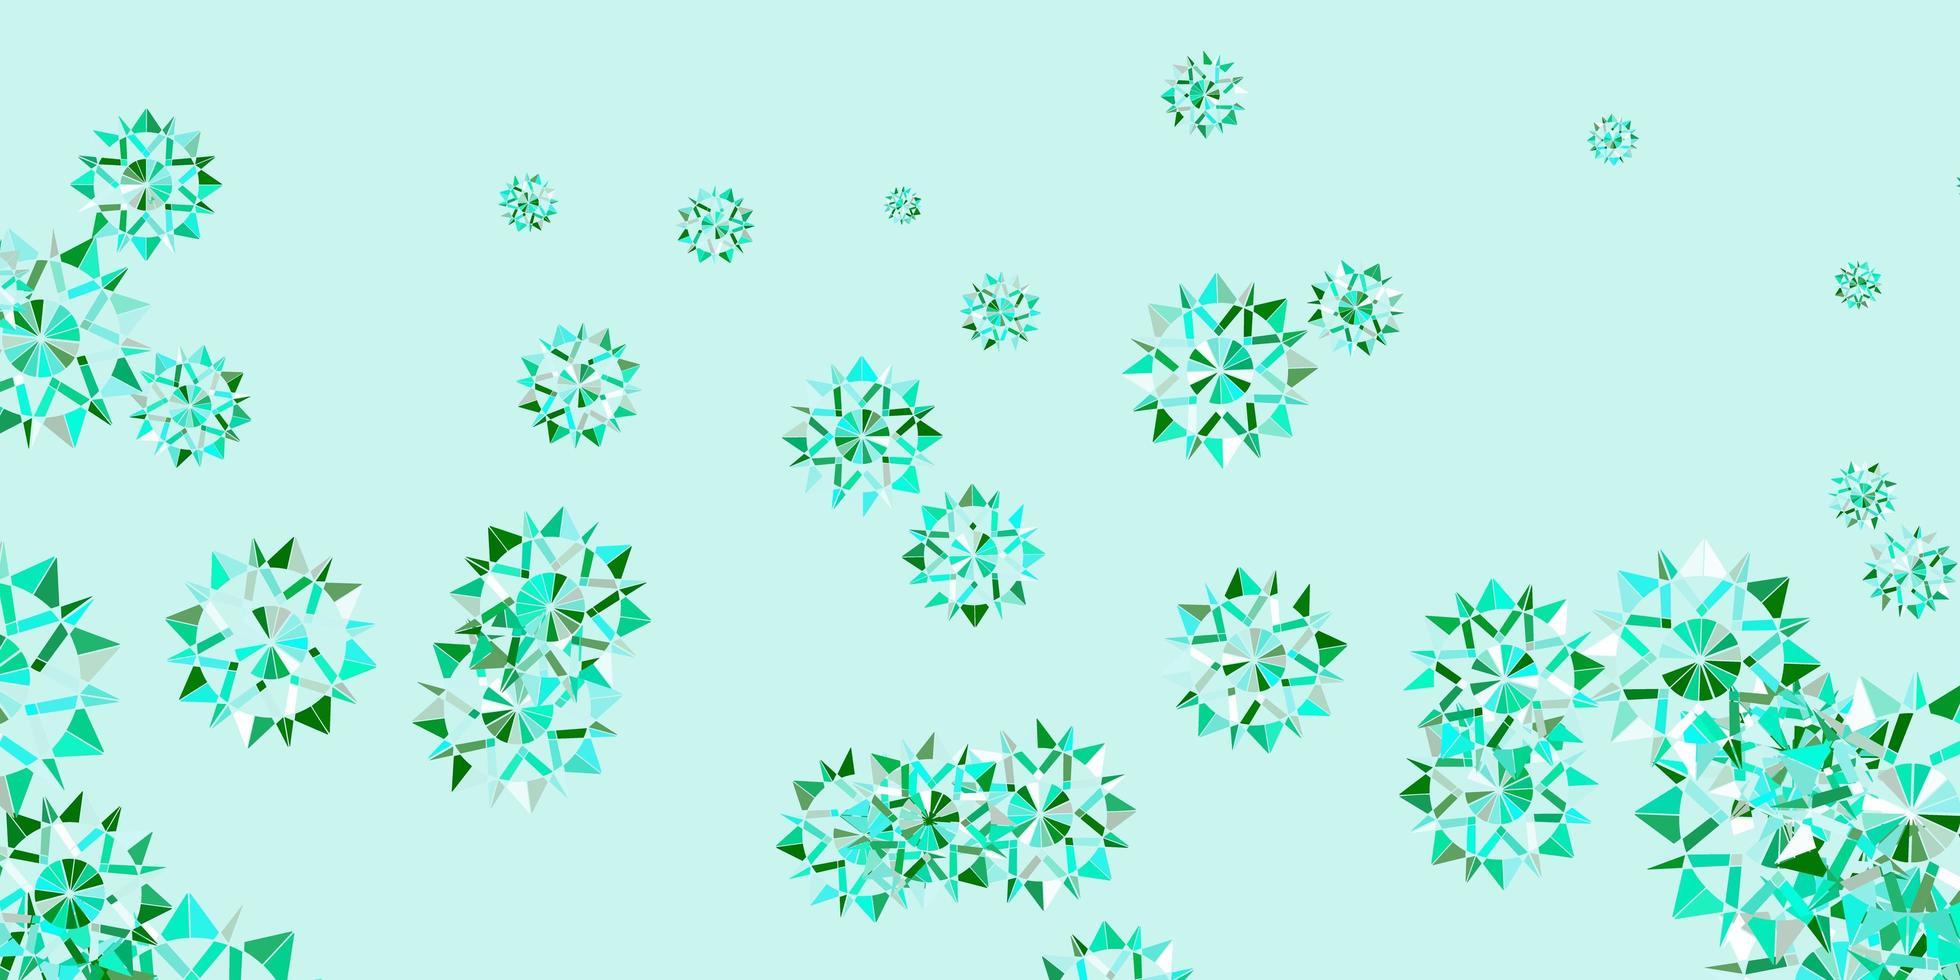 hellgrünes Vektormuster mit farbigen Schneeflocken. vektor